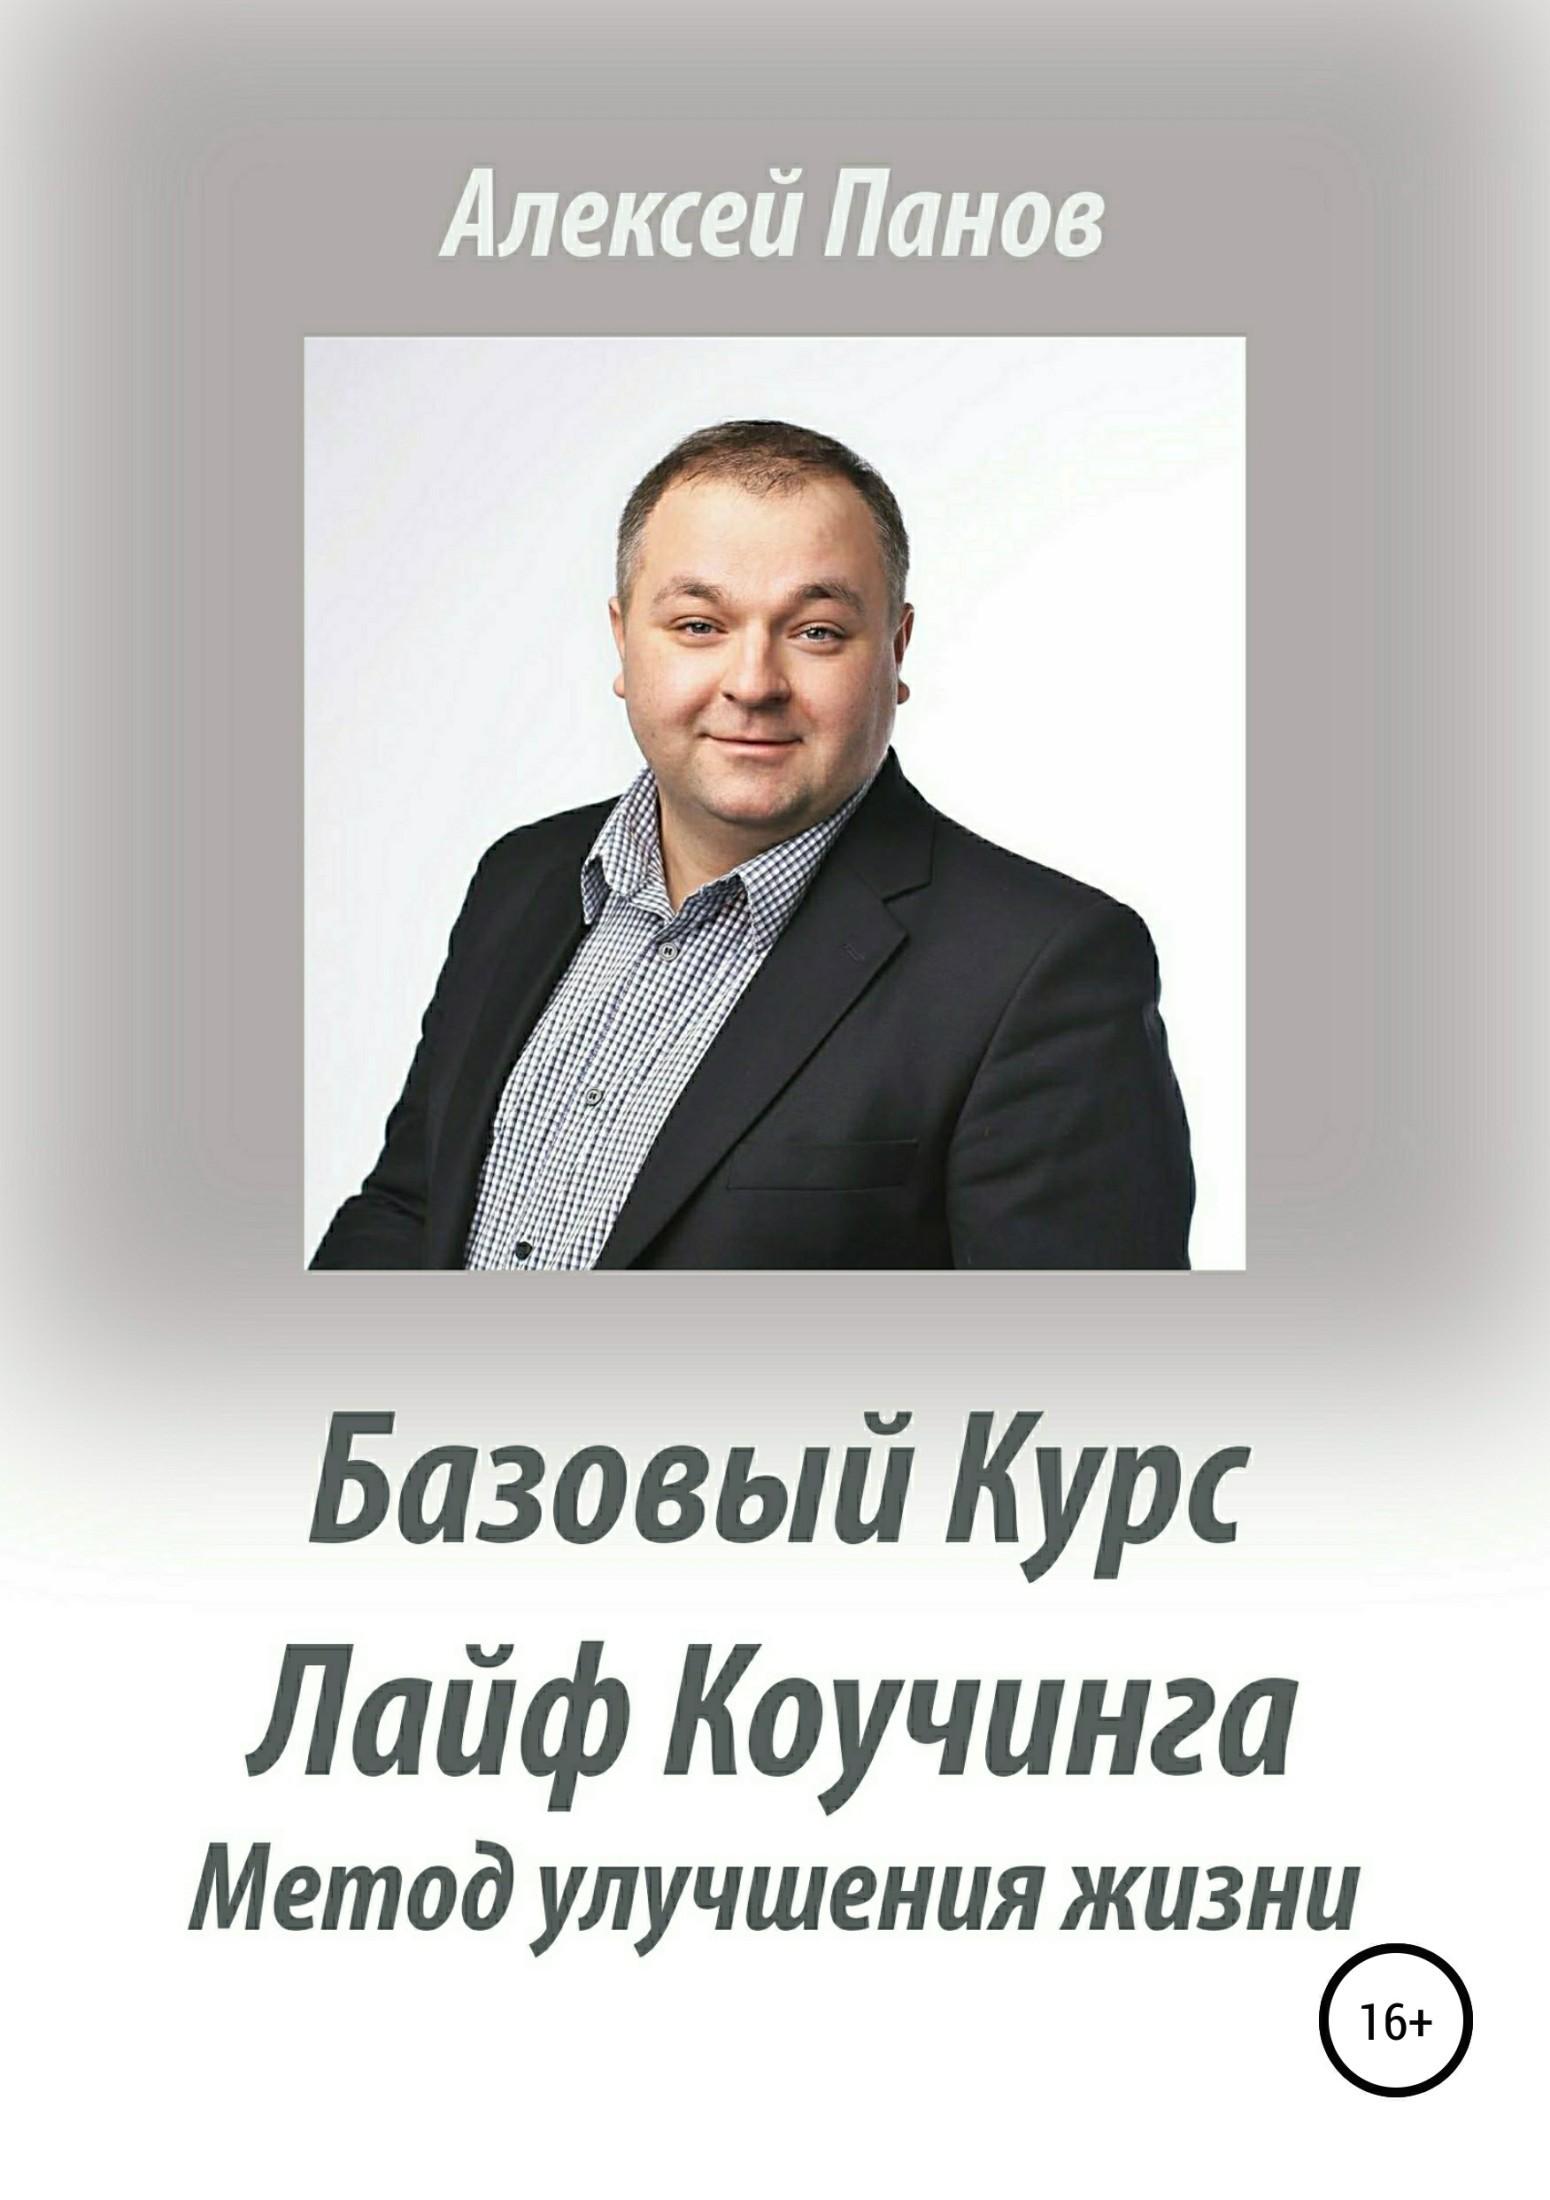 Алексей Александрович Панов Базовый курс Лайф Коучинга. Методика улучшения качества жизни